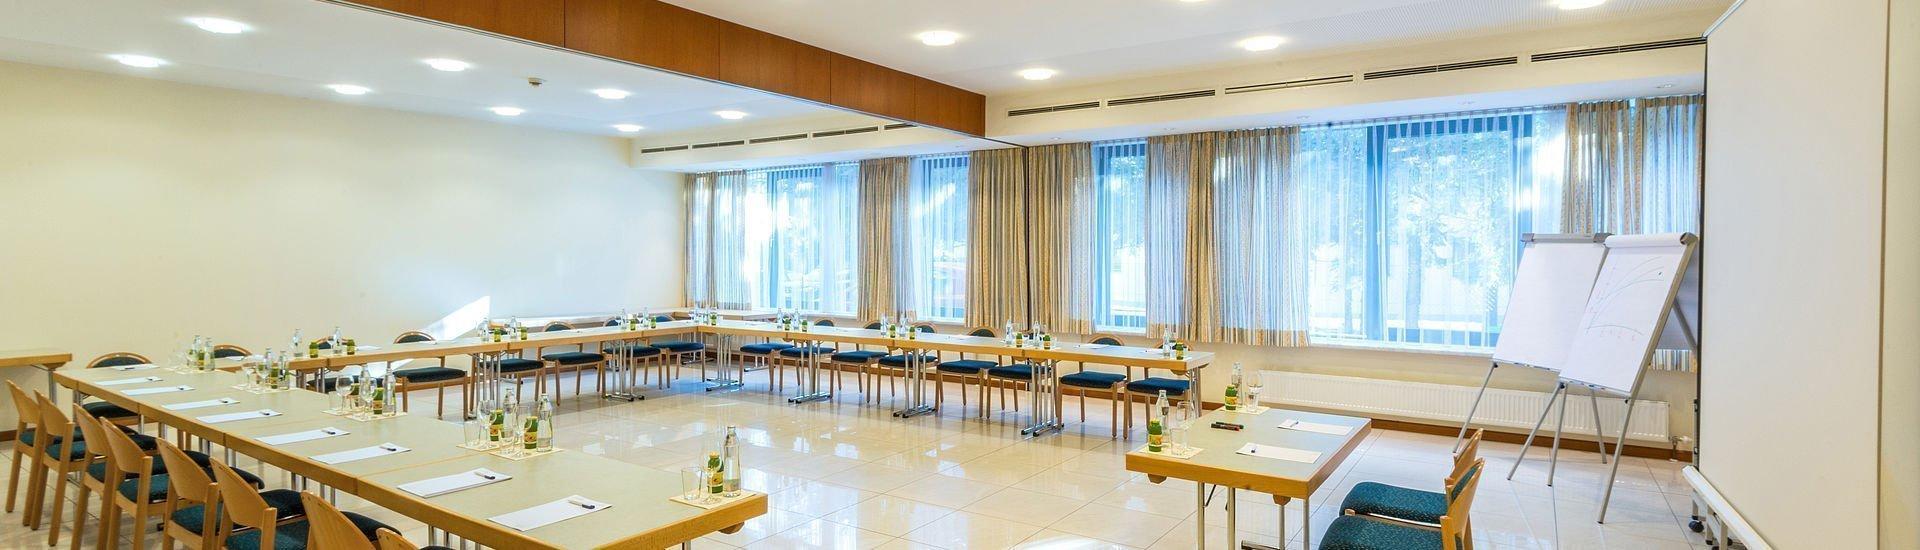 Panorama des Seminarraums im Hotel Stoiser Graz